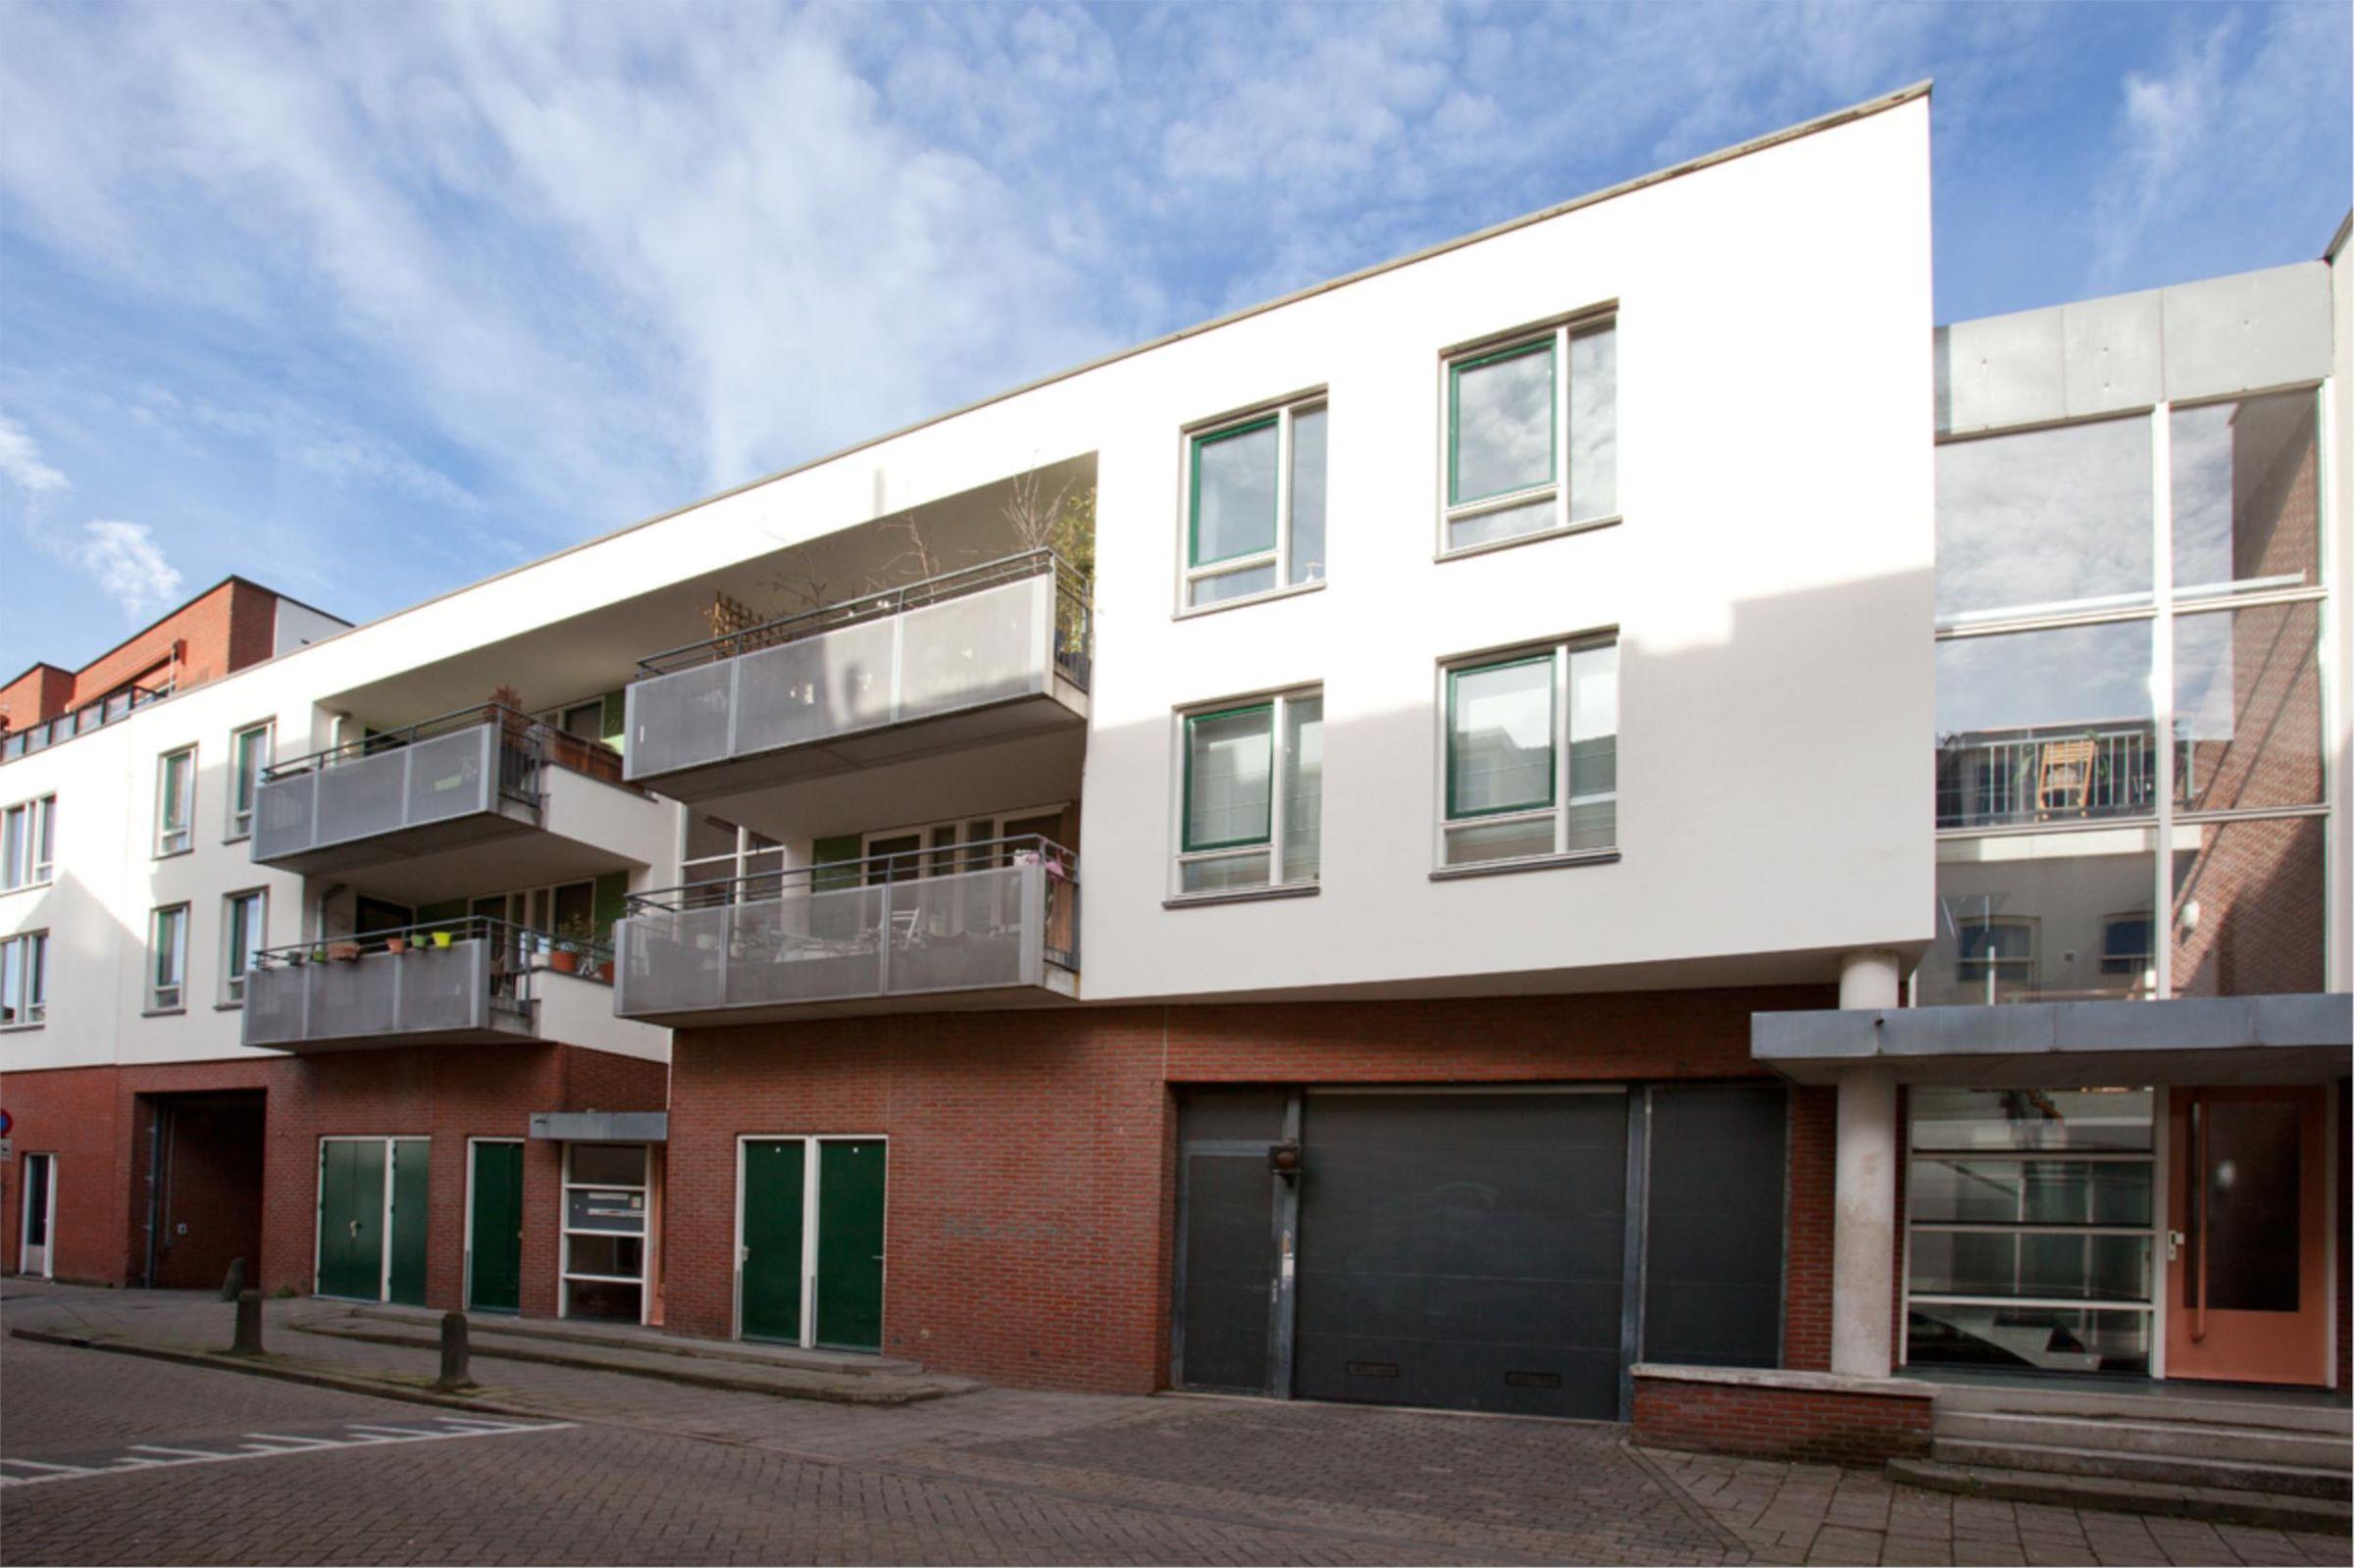 Driekoningendwarsstraat 13, Arnhem